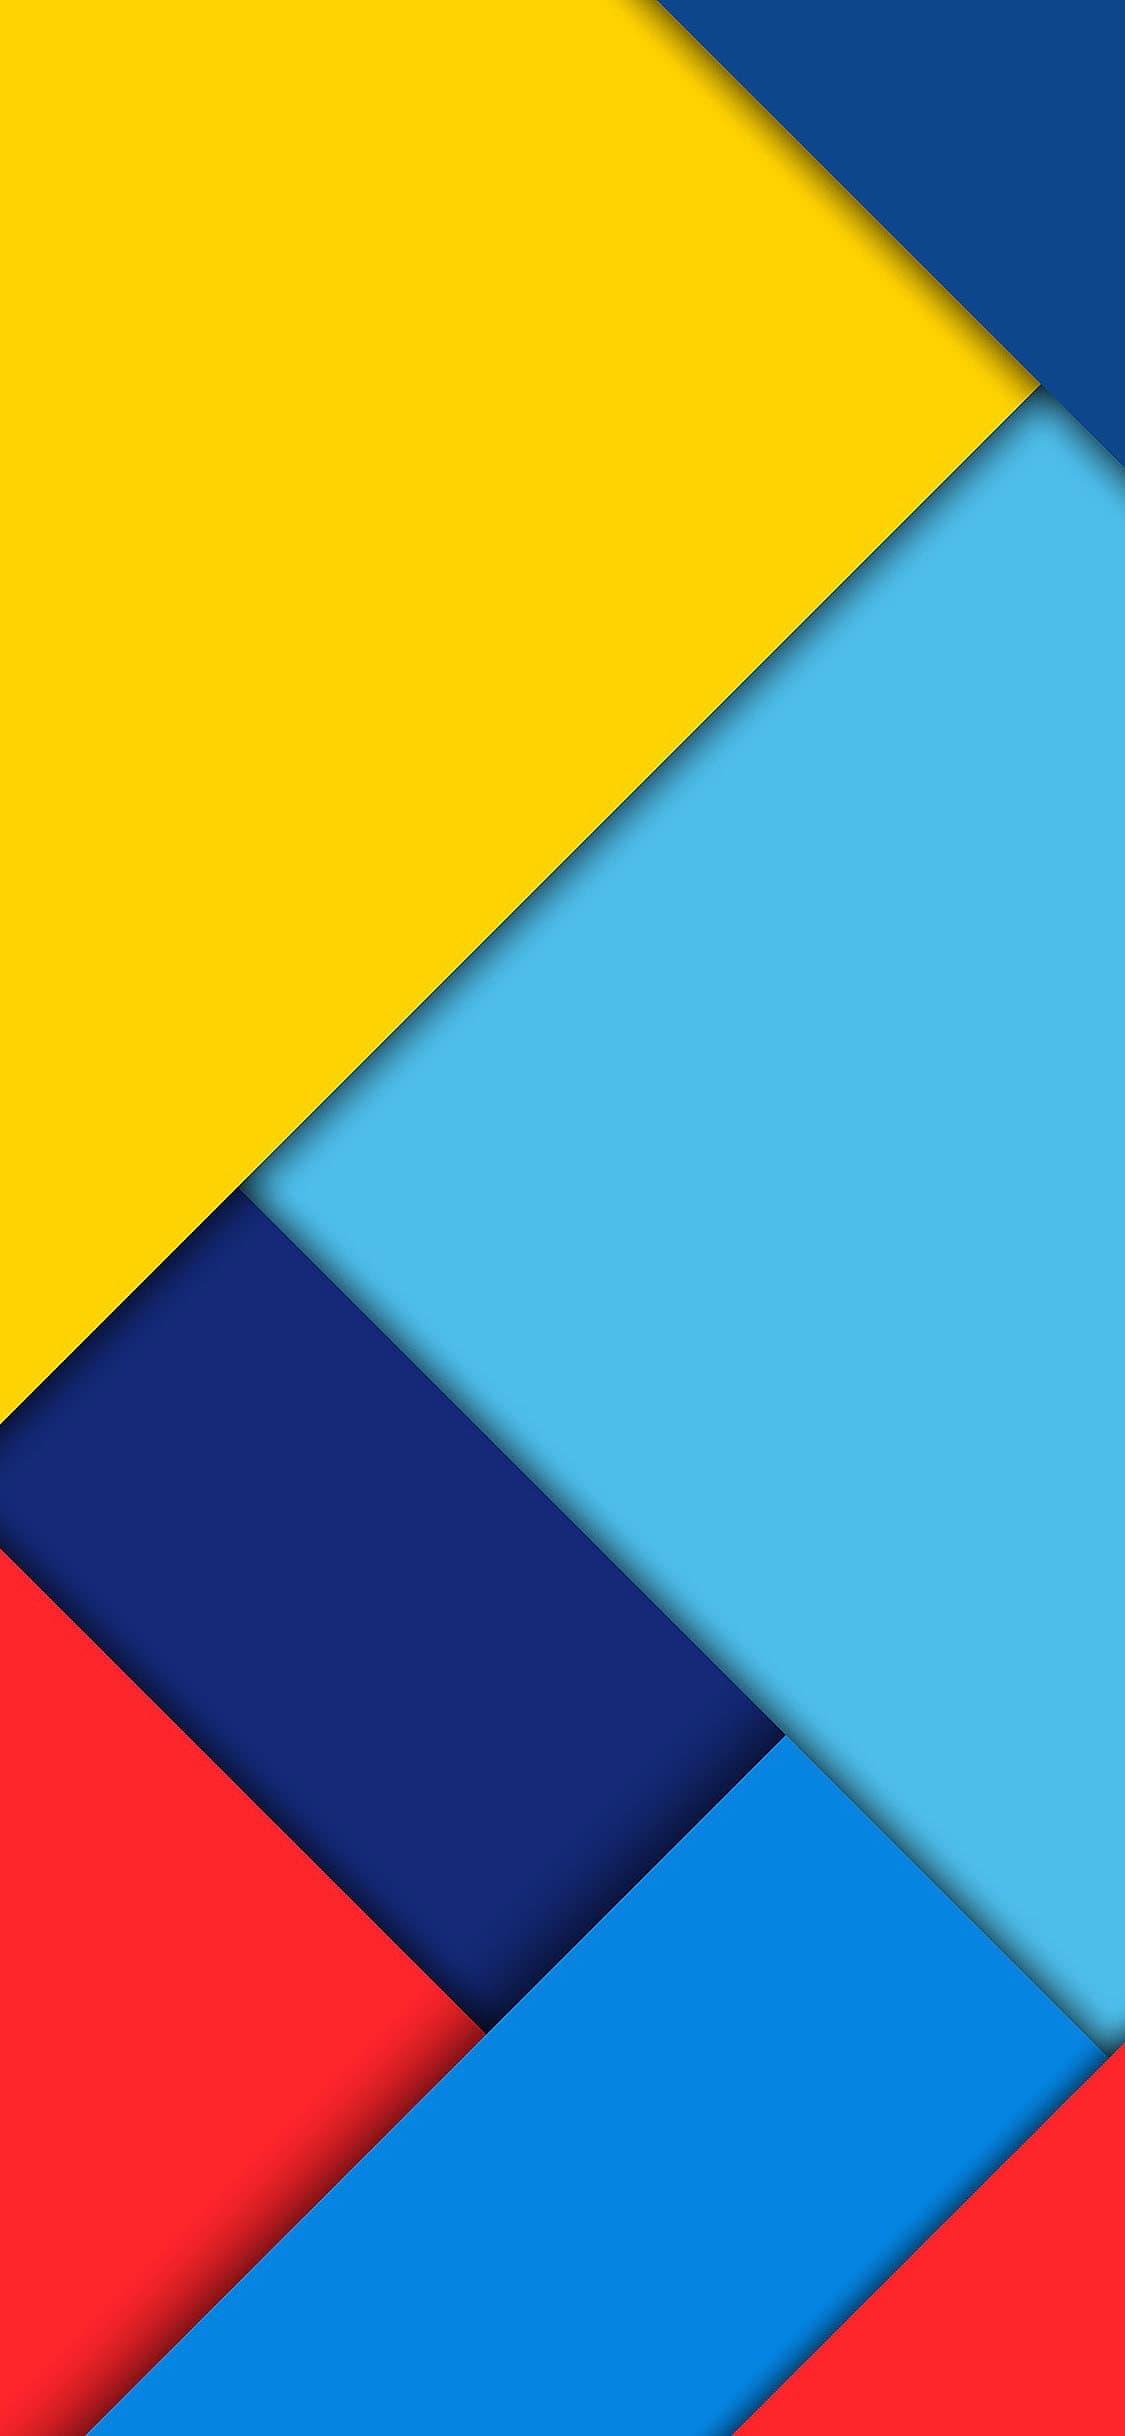 Kleurrijke abstrace iPhone X wallpaper